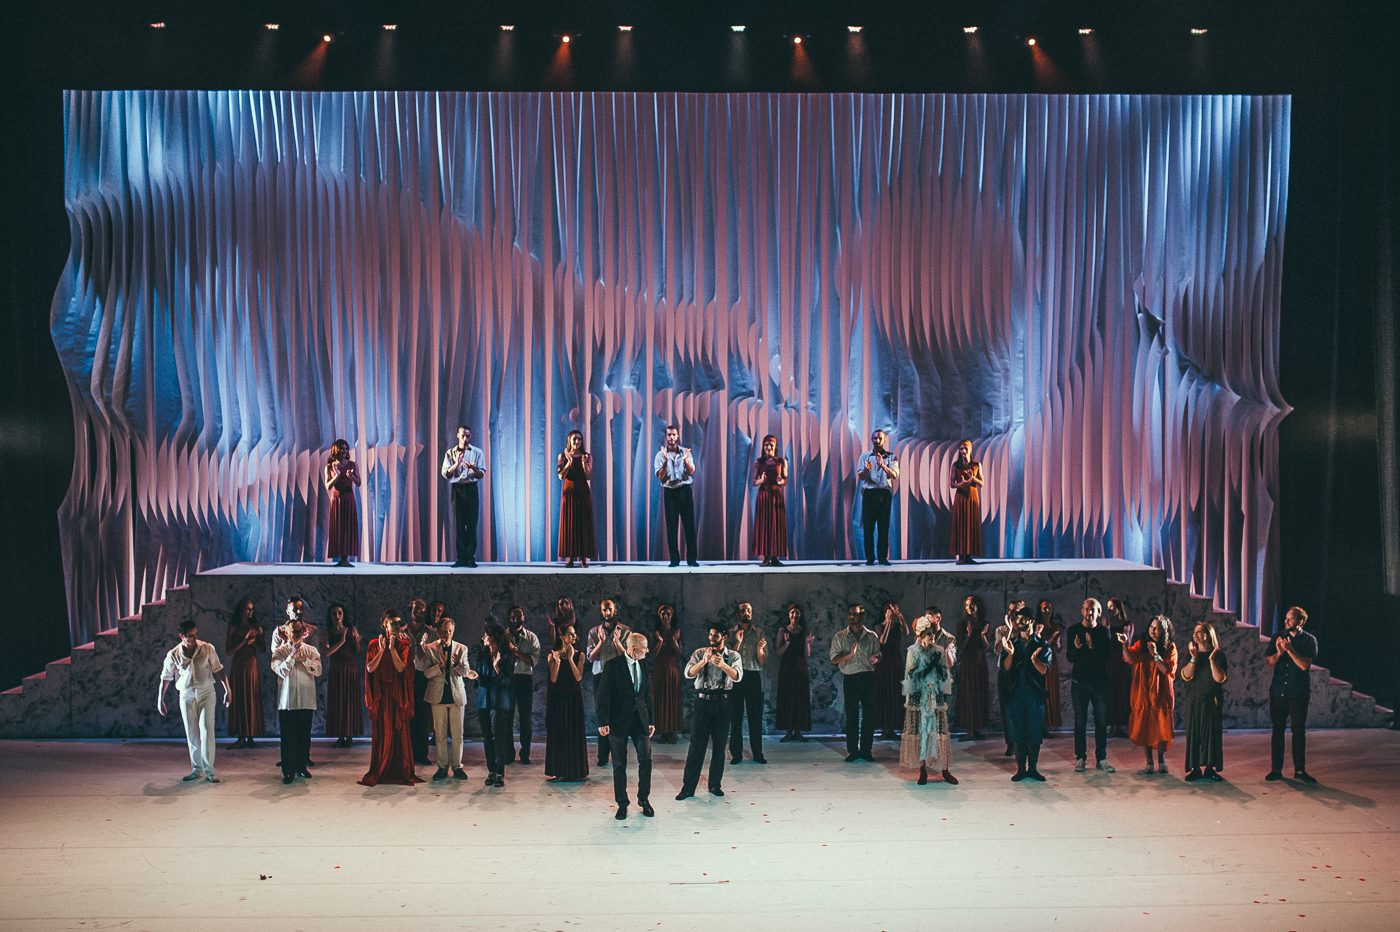 Premjera Zorba Muzikinis Teatras E.sabaliauskaite 062